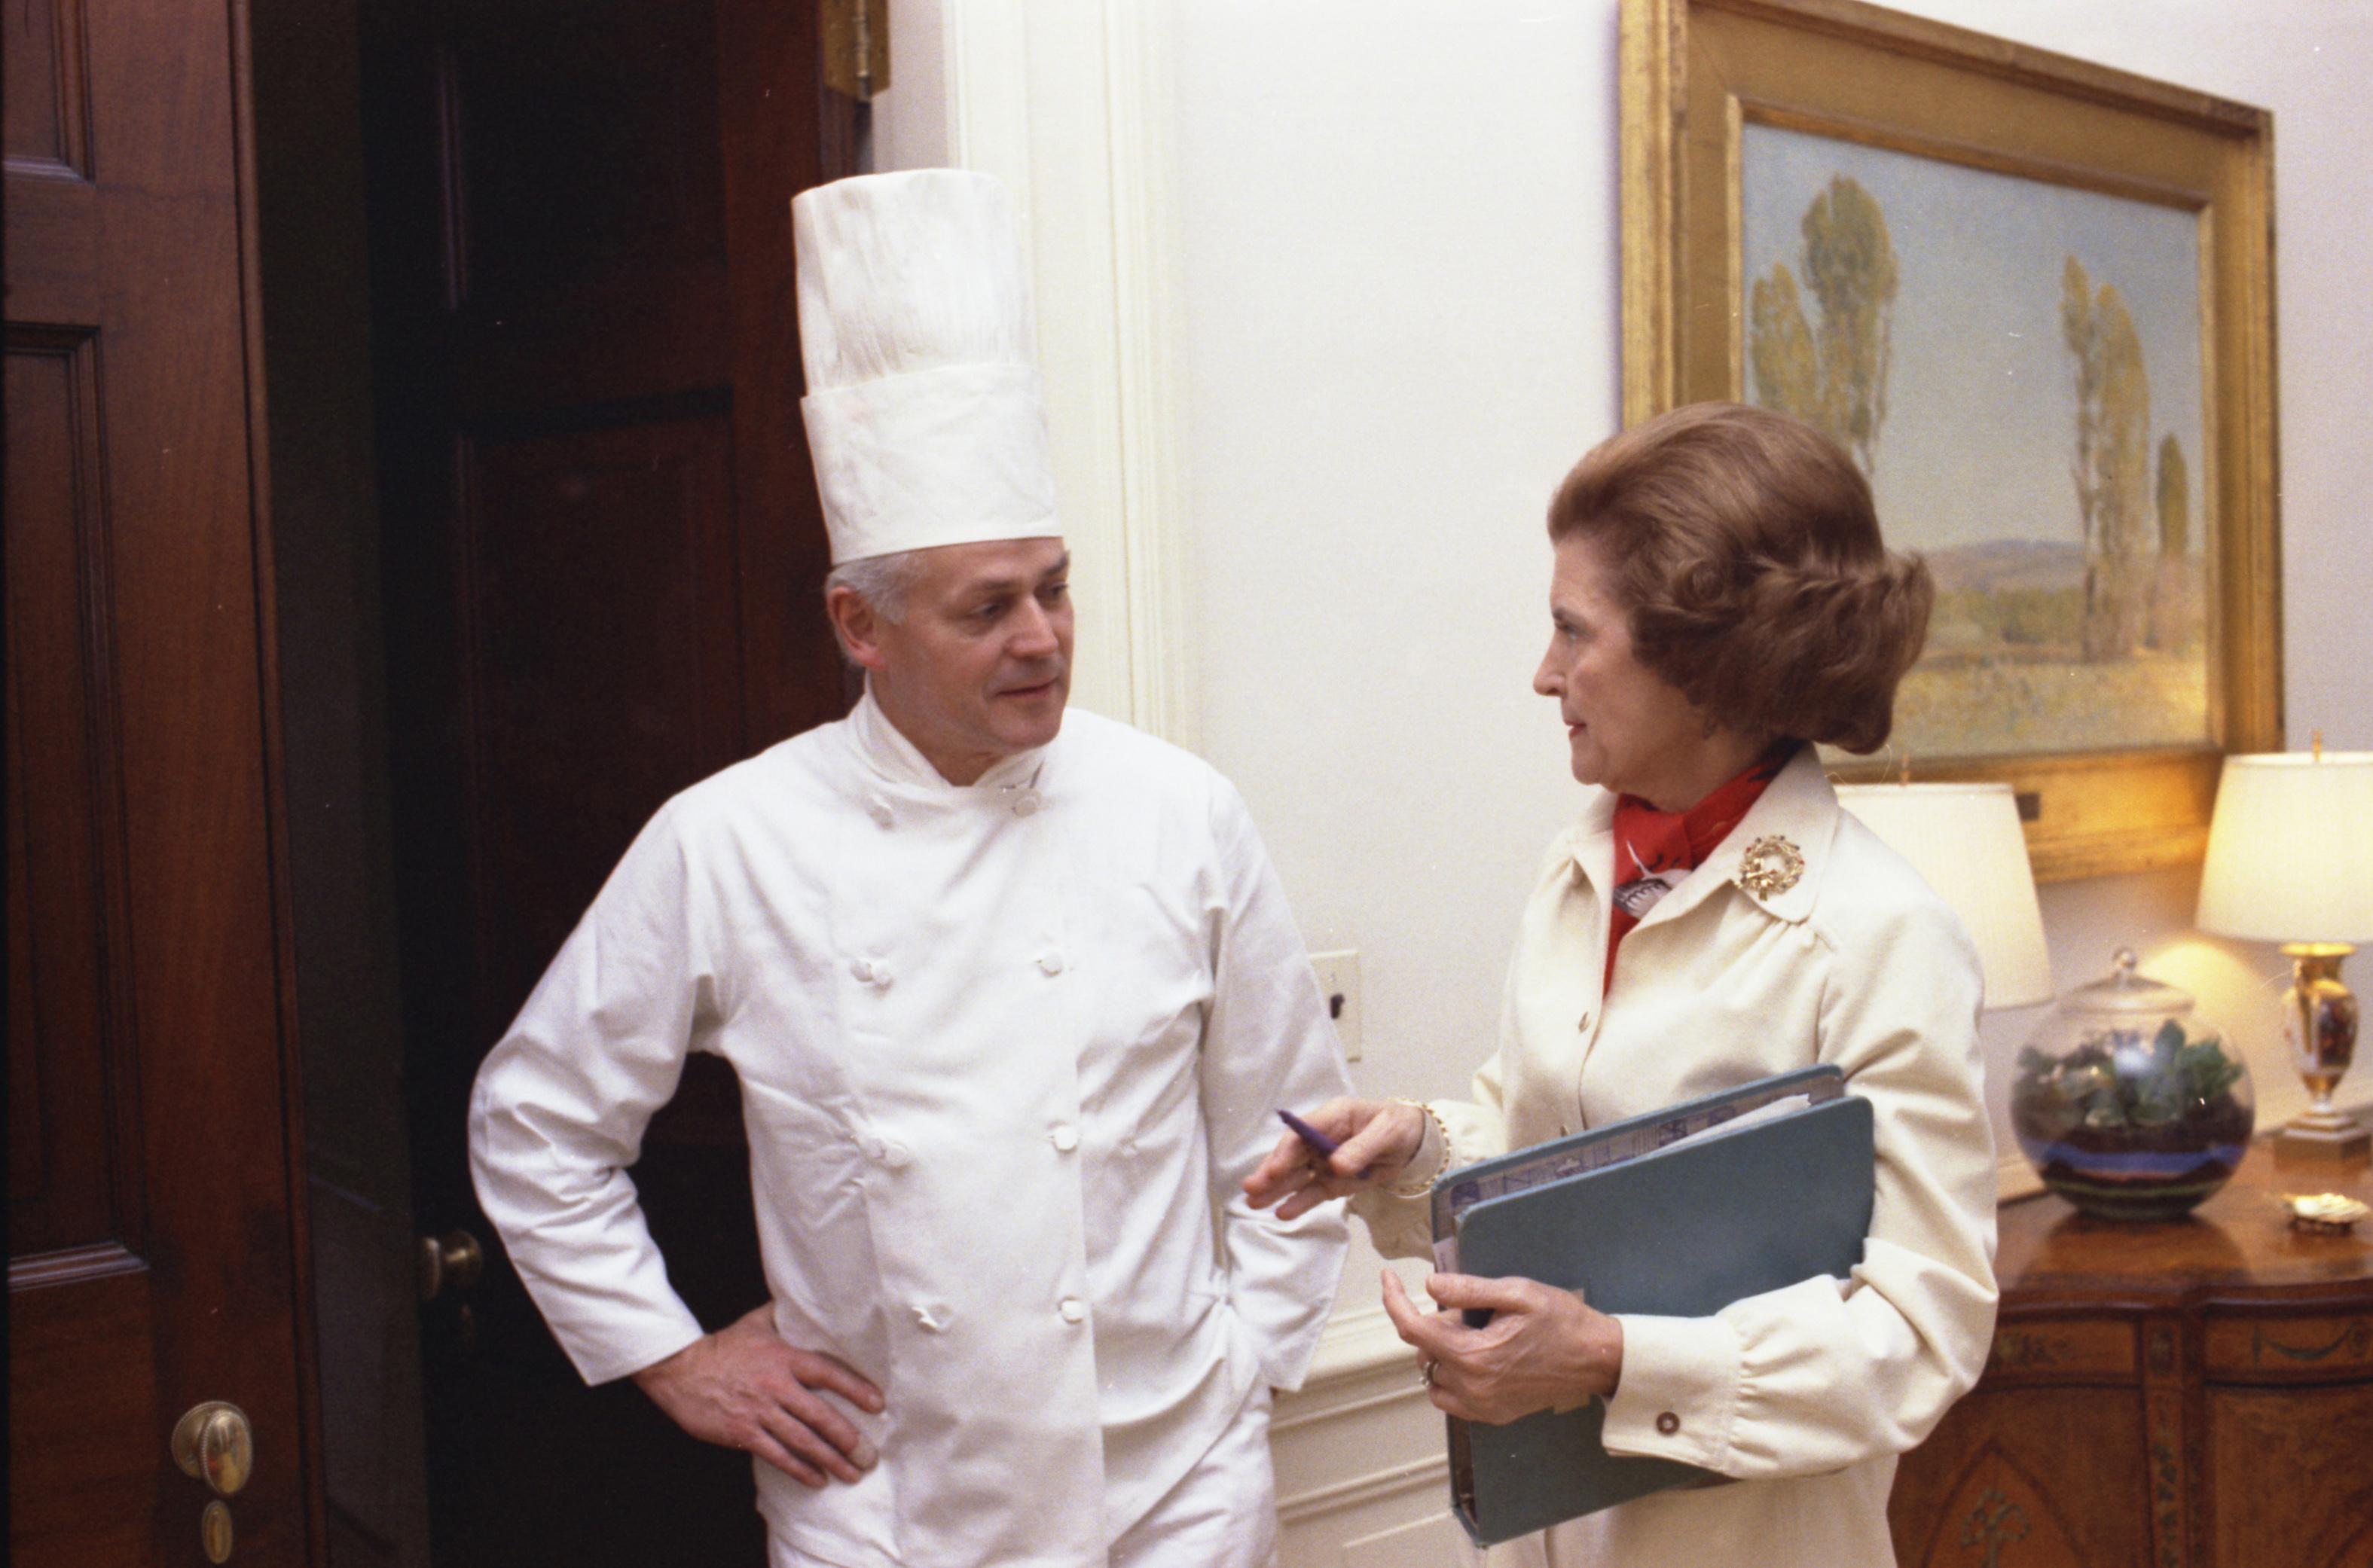 Élelmezésvezető Tanfolyam - Képzés